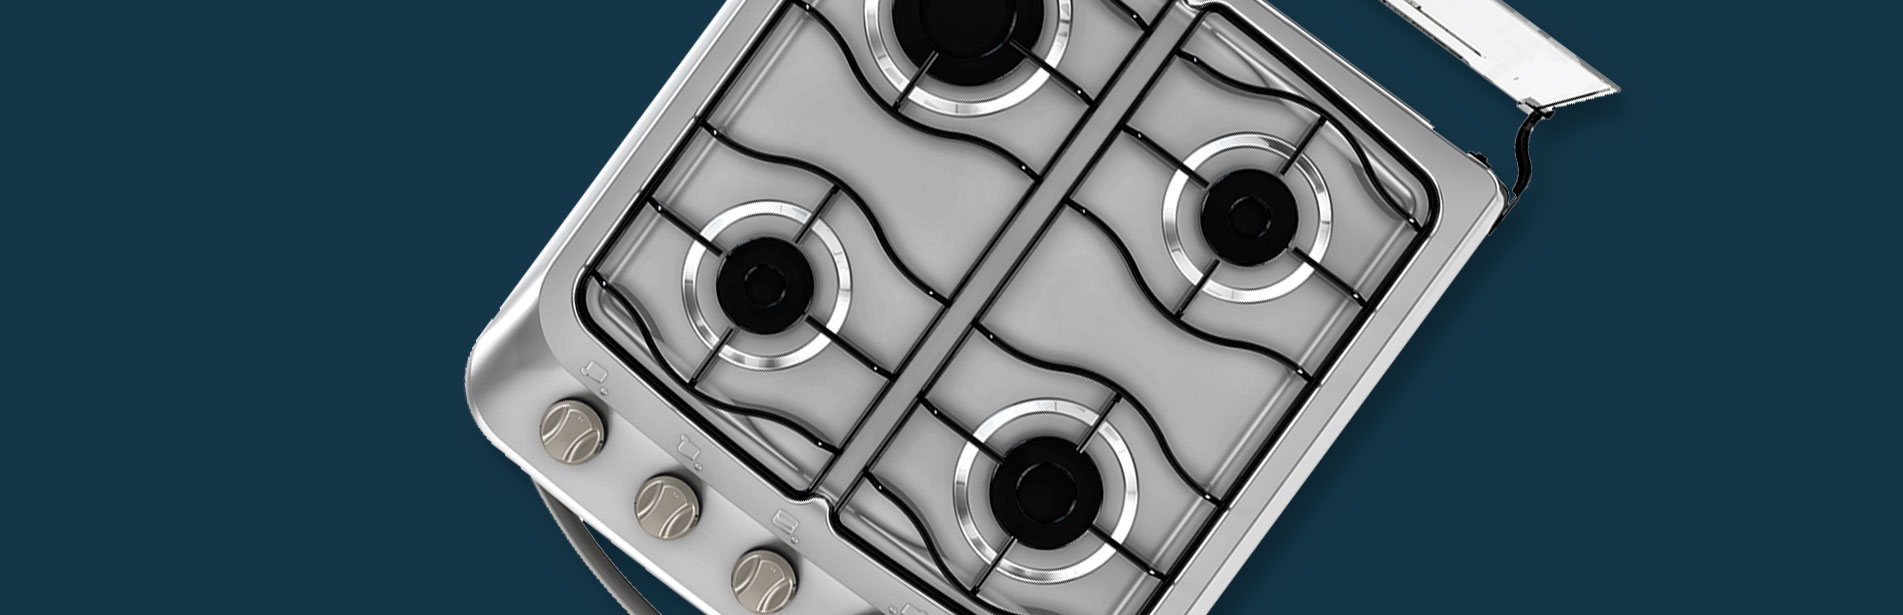 marcolino-design-cases-banner-estatico-esmaltec